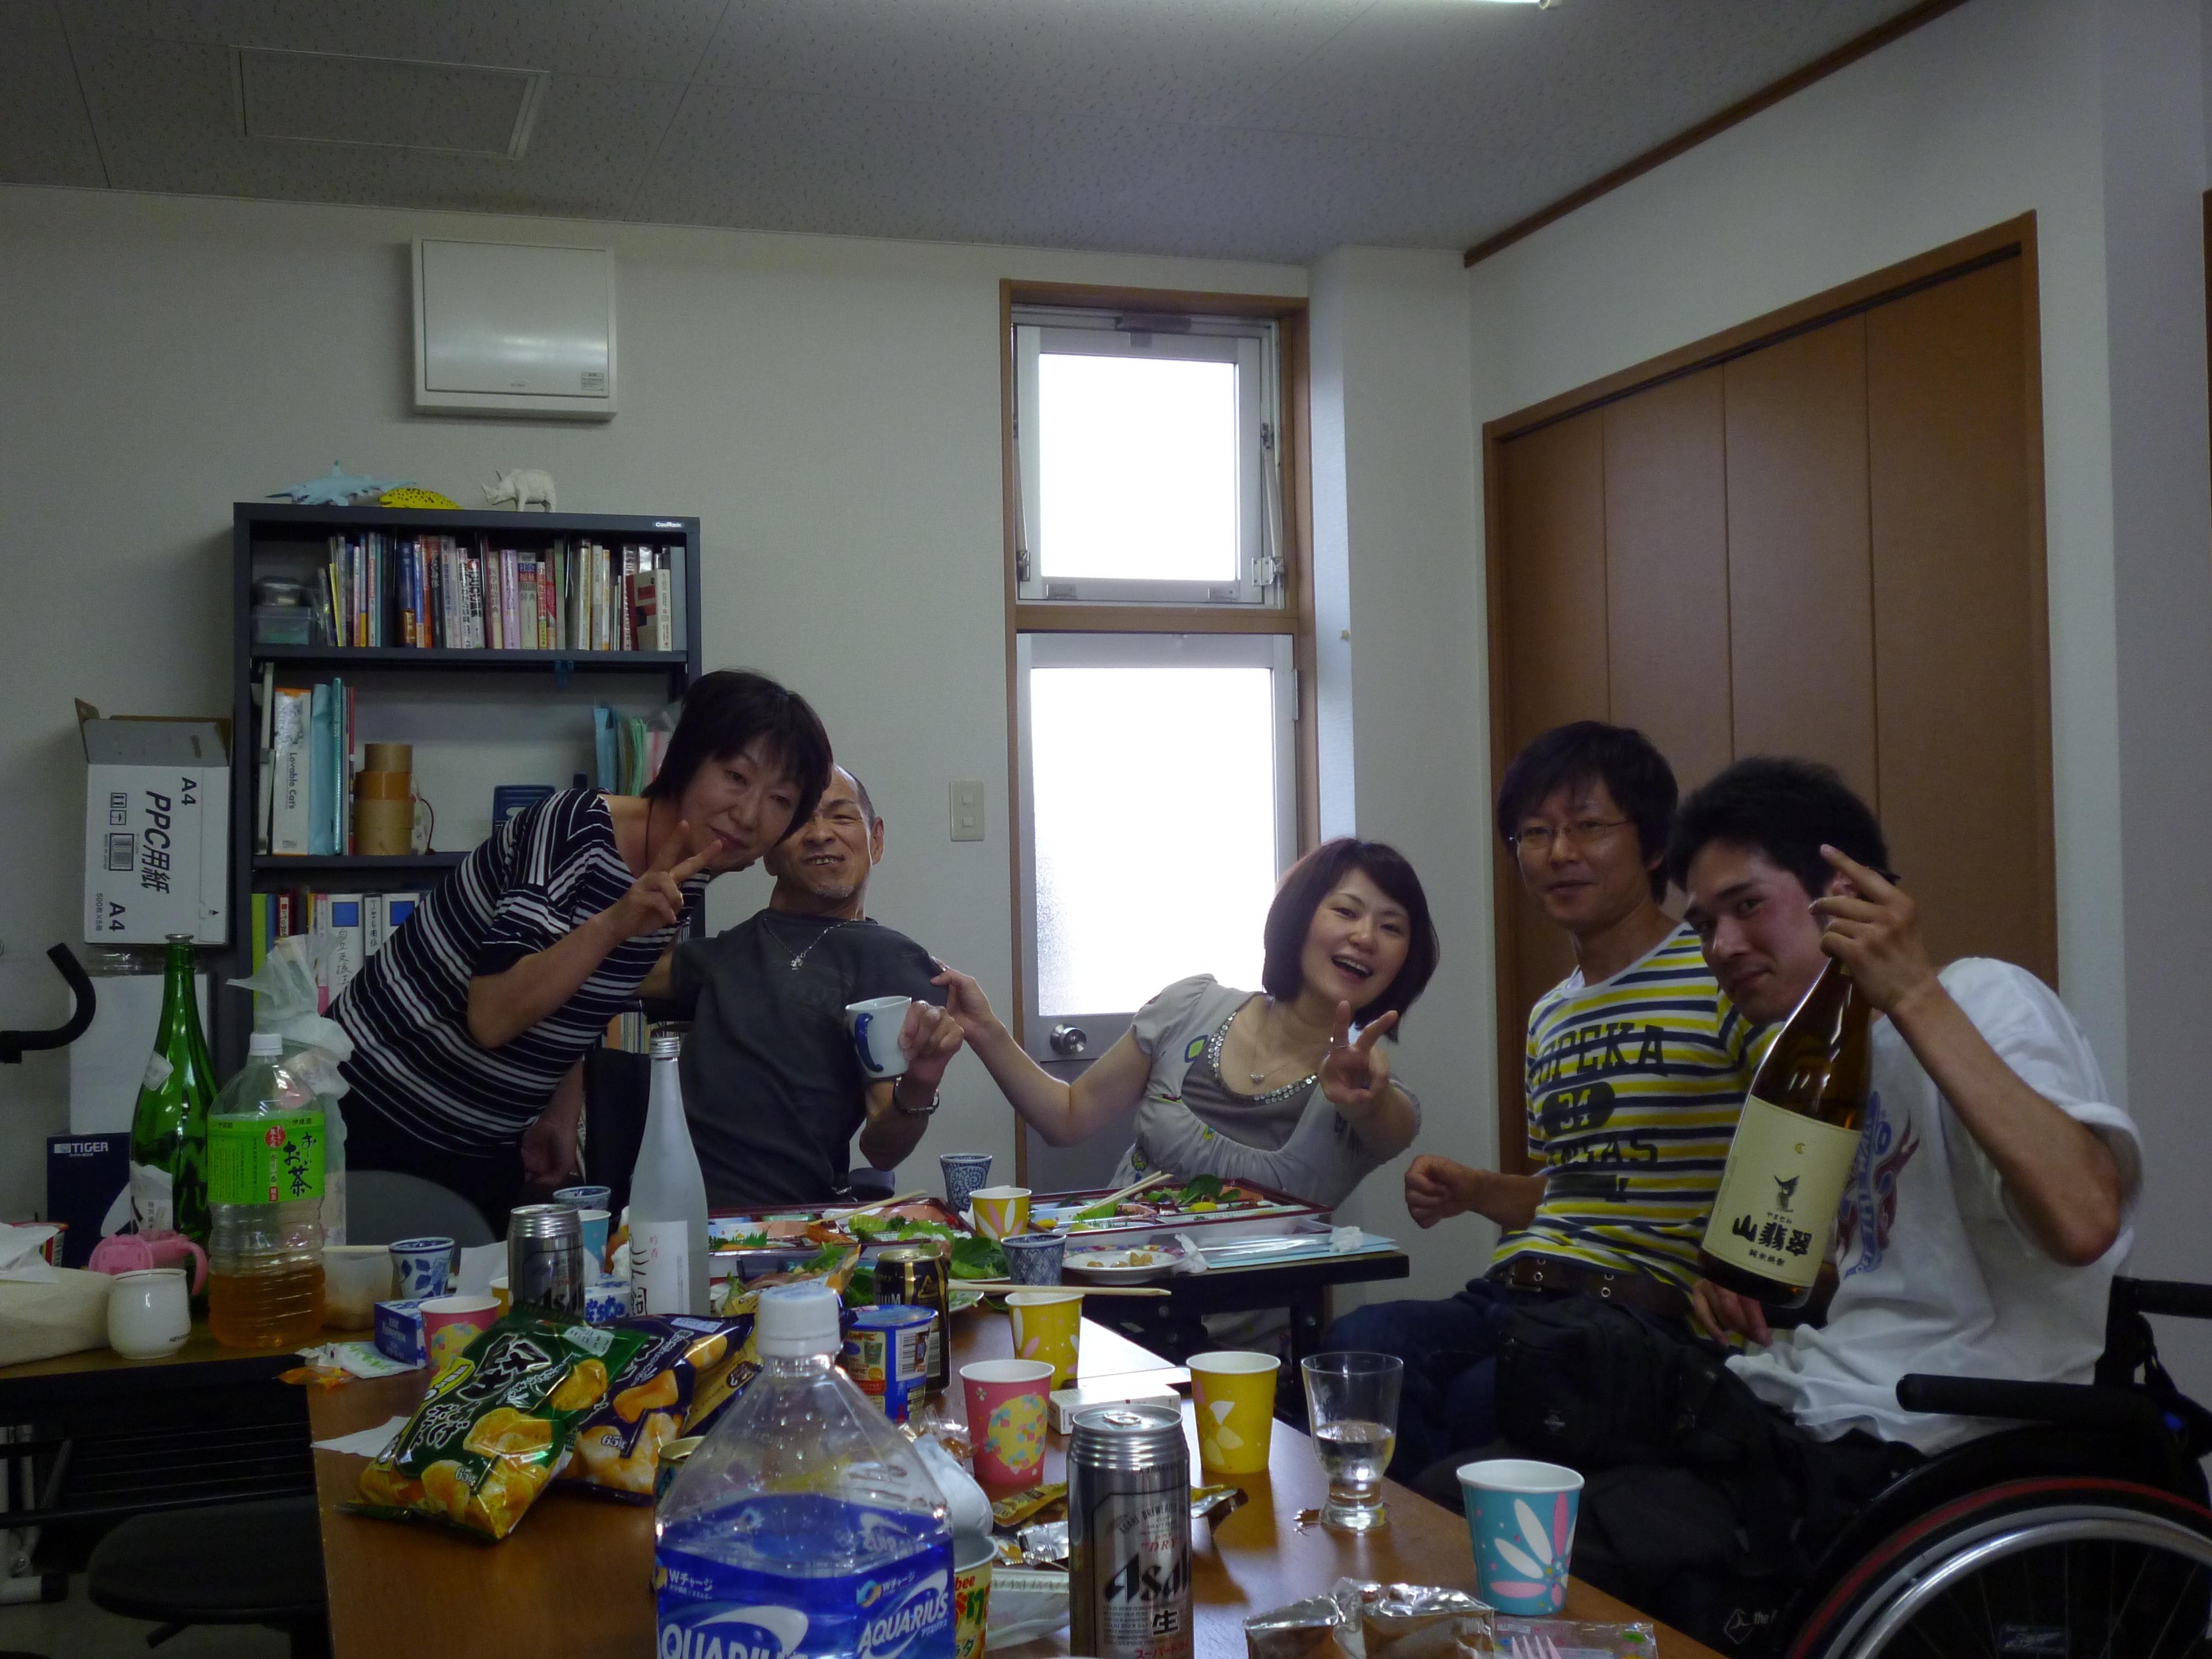 特定非営利活動法人障害者生活ケアLinks広島